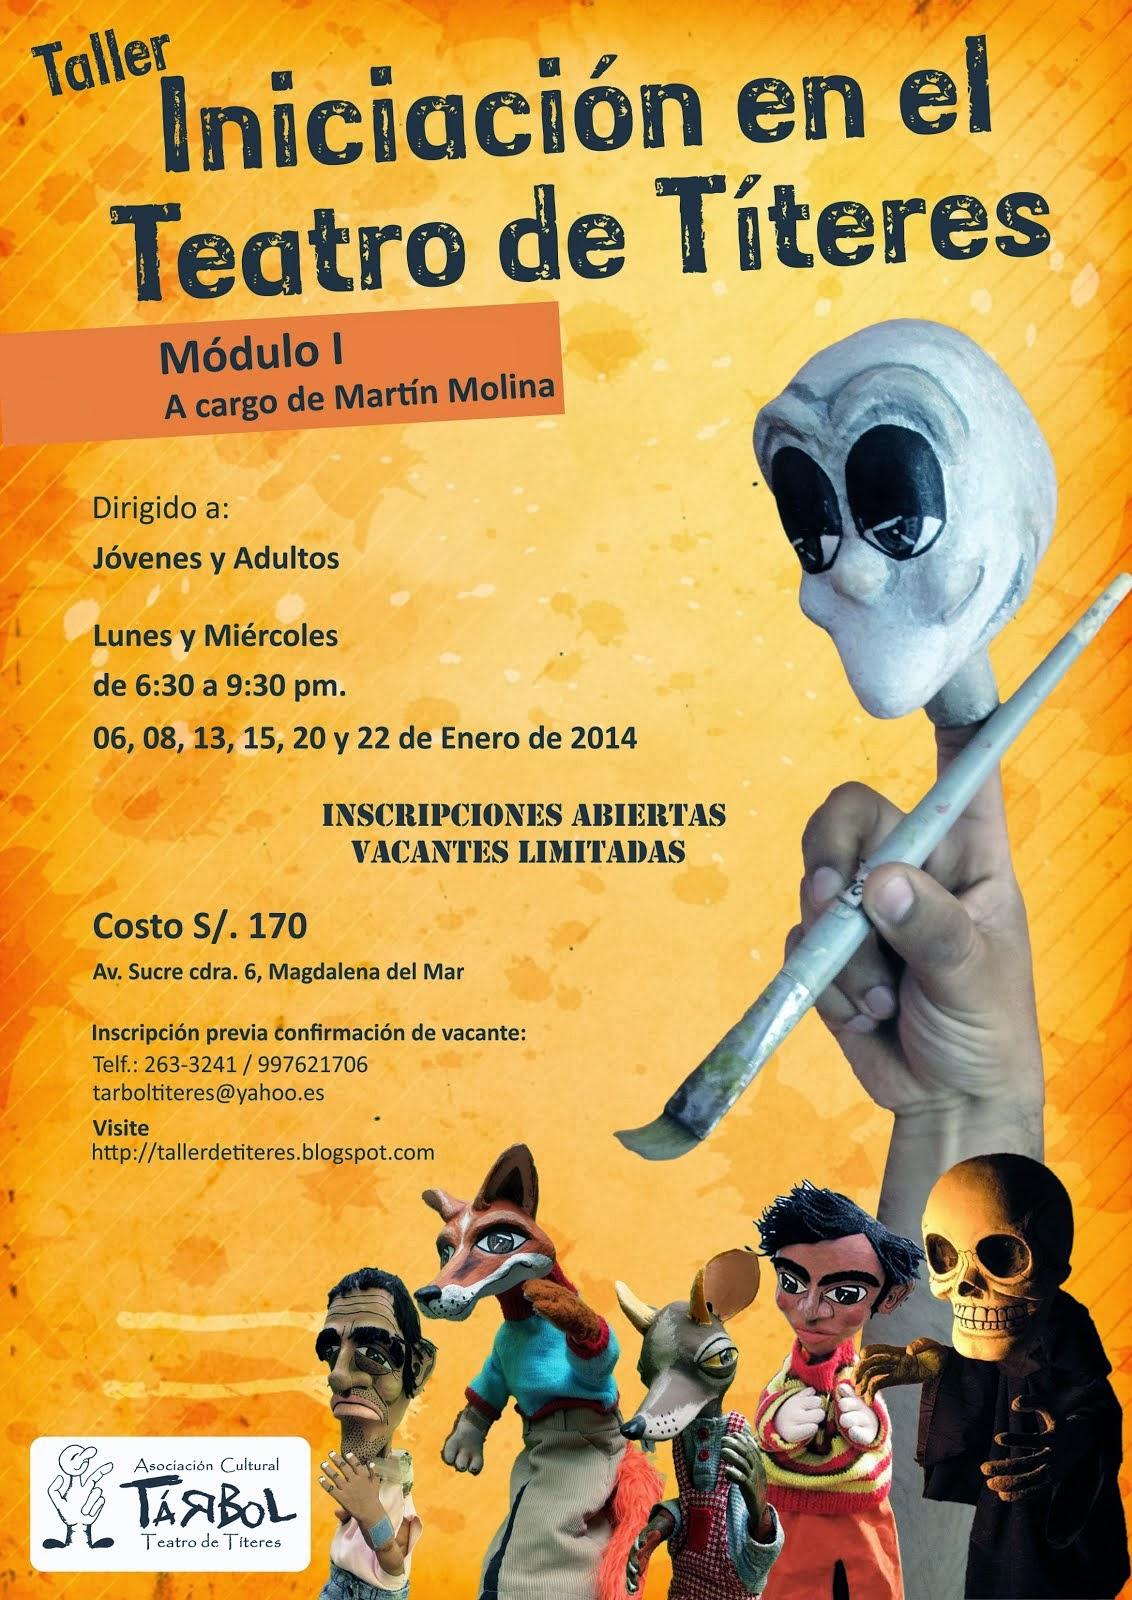 Taller de Iniciación en el Teatro de Títeres